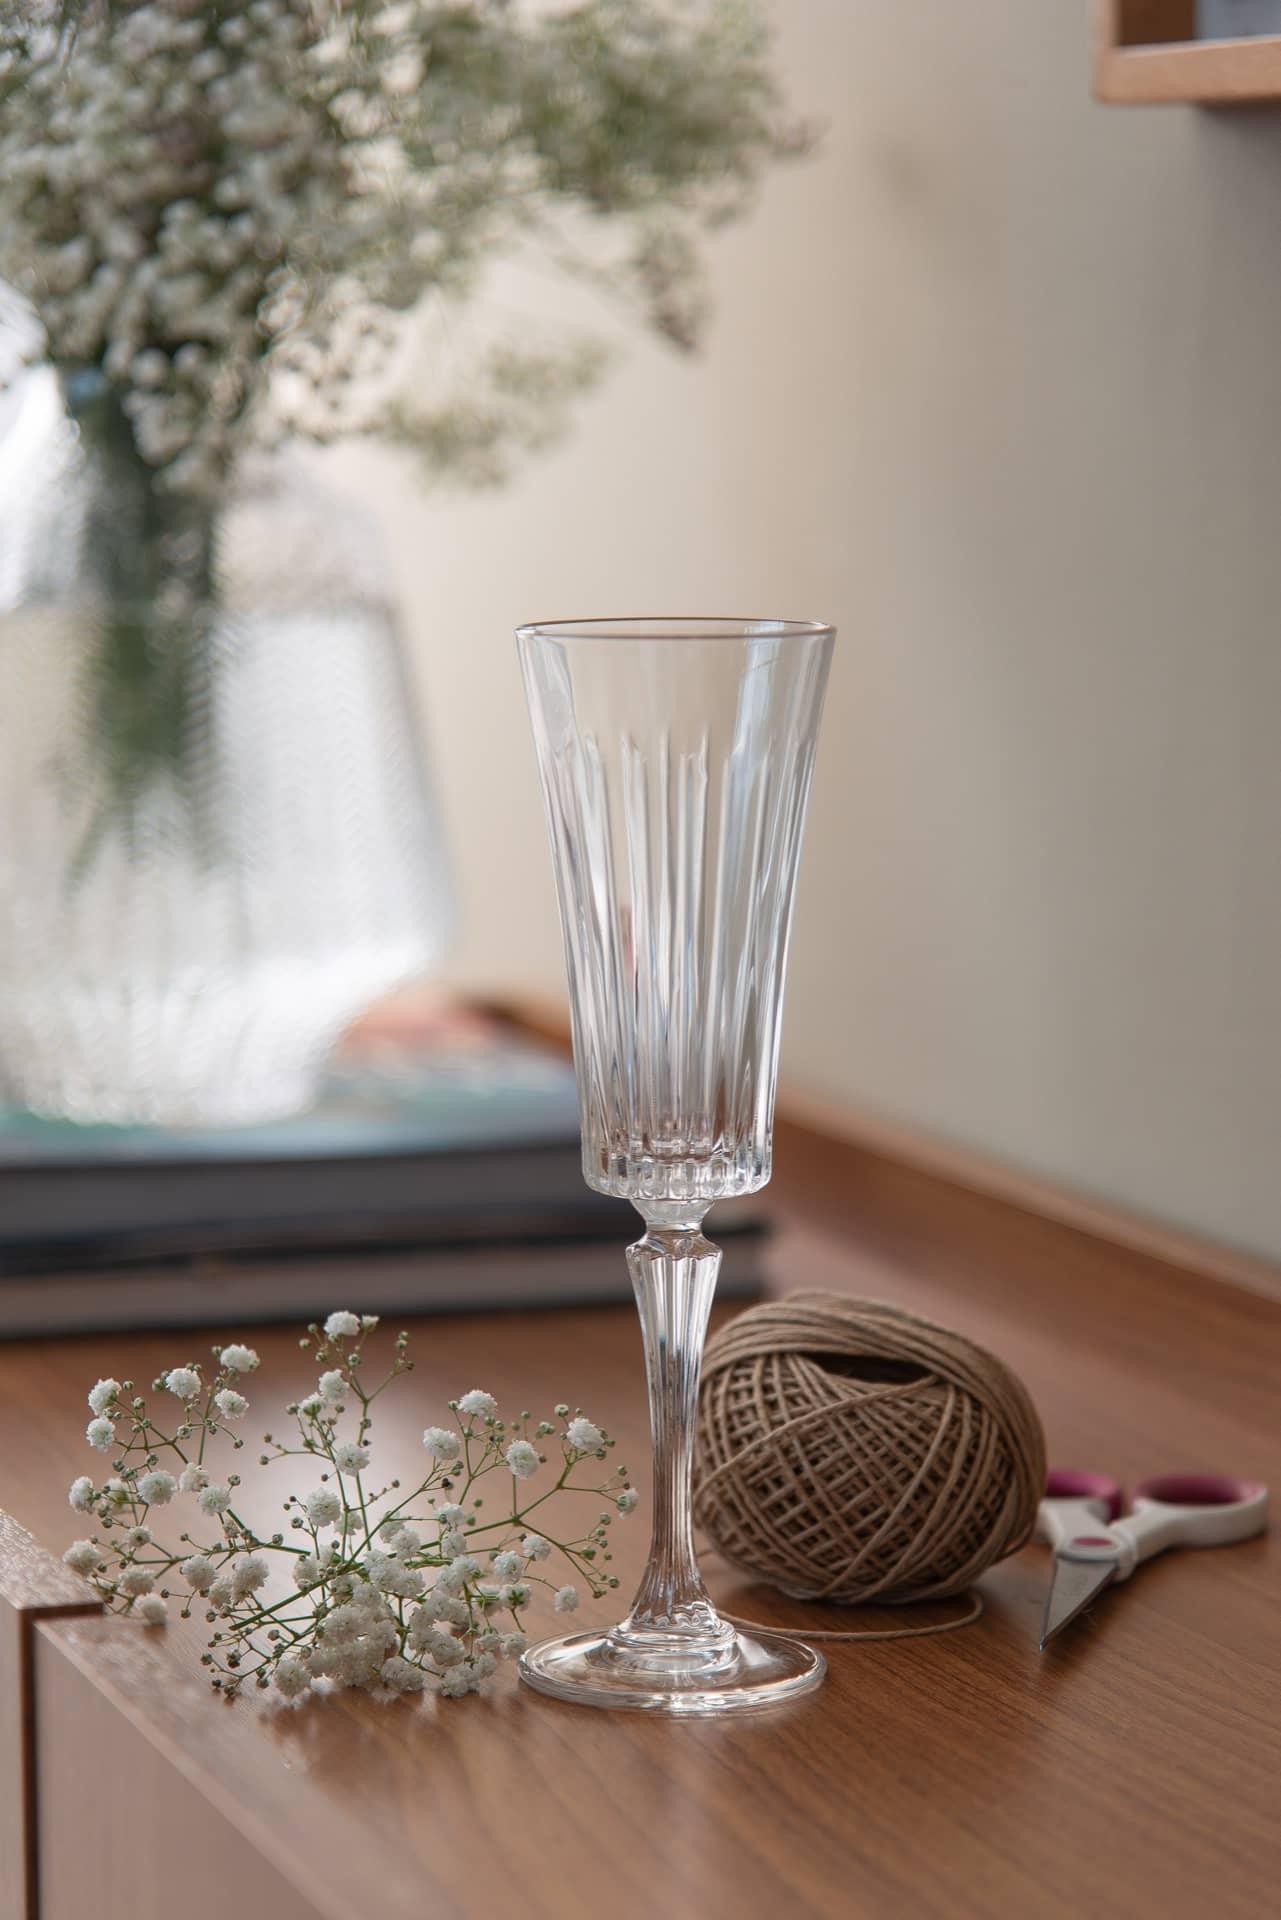 """Imagem: Passo 1: separe tudo o que vai precisar, lindas taças de espumante, como esta da Biona, à venda em lojas especializadas de todo Brasil. Fio de rami, flores """"mosquitinho"""" e tesoura. Foto: Cacá Bratke"""